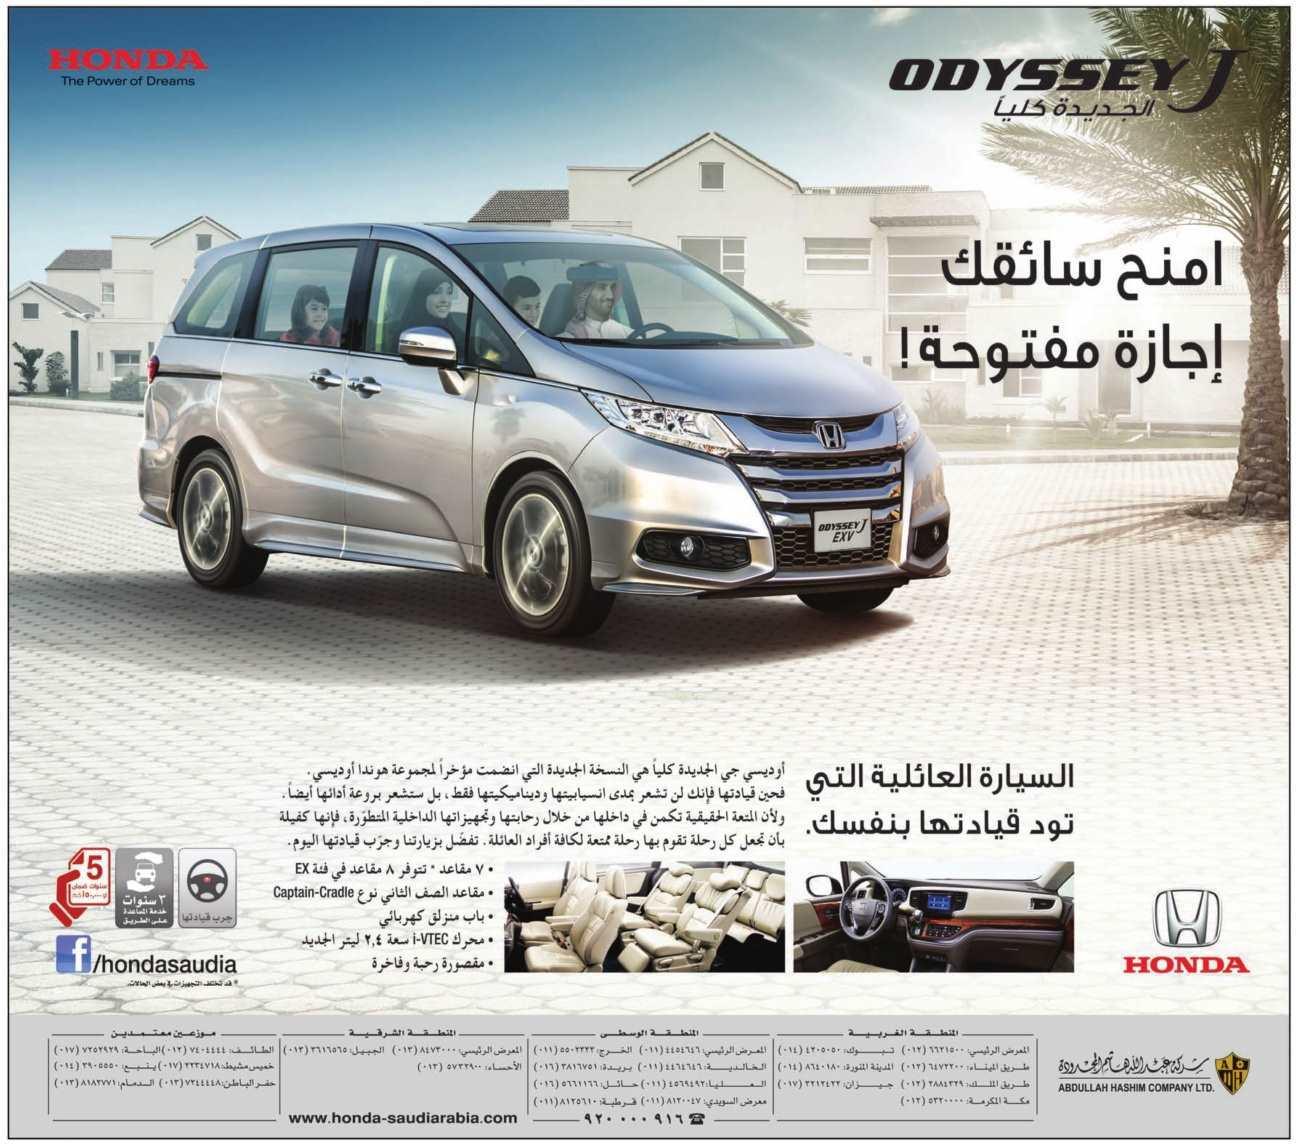 عروض شركة عبدالله هاشم لسيارات هوندا - عروض 2015